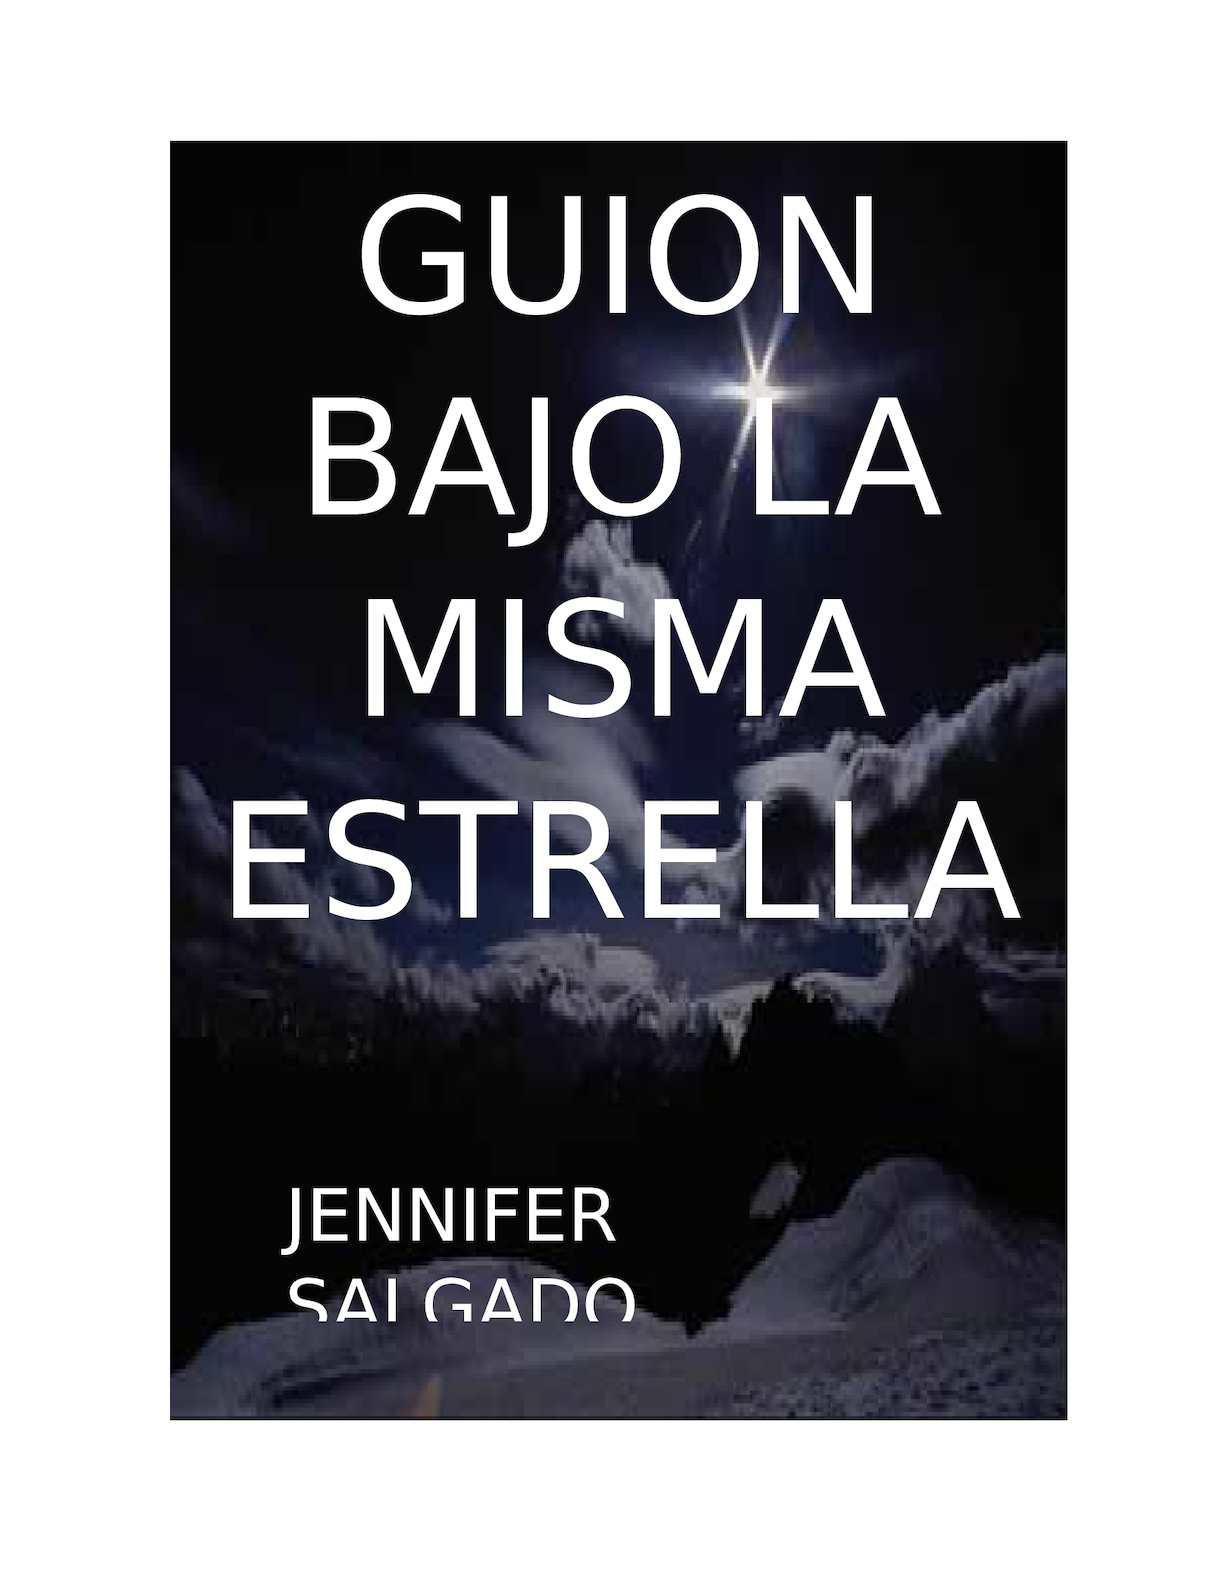 Guion bajo la misma estrella Jennifer Salgado